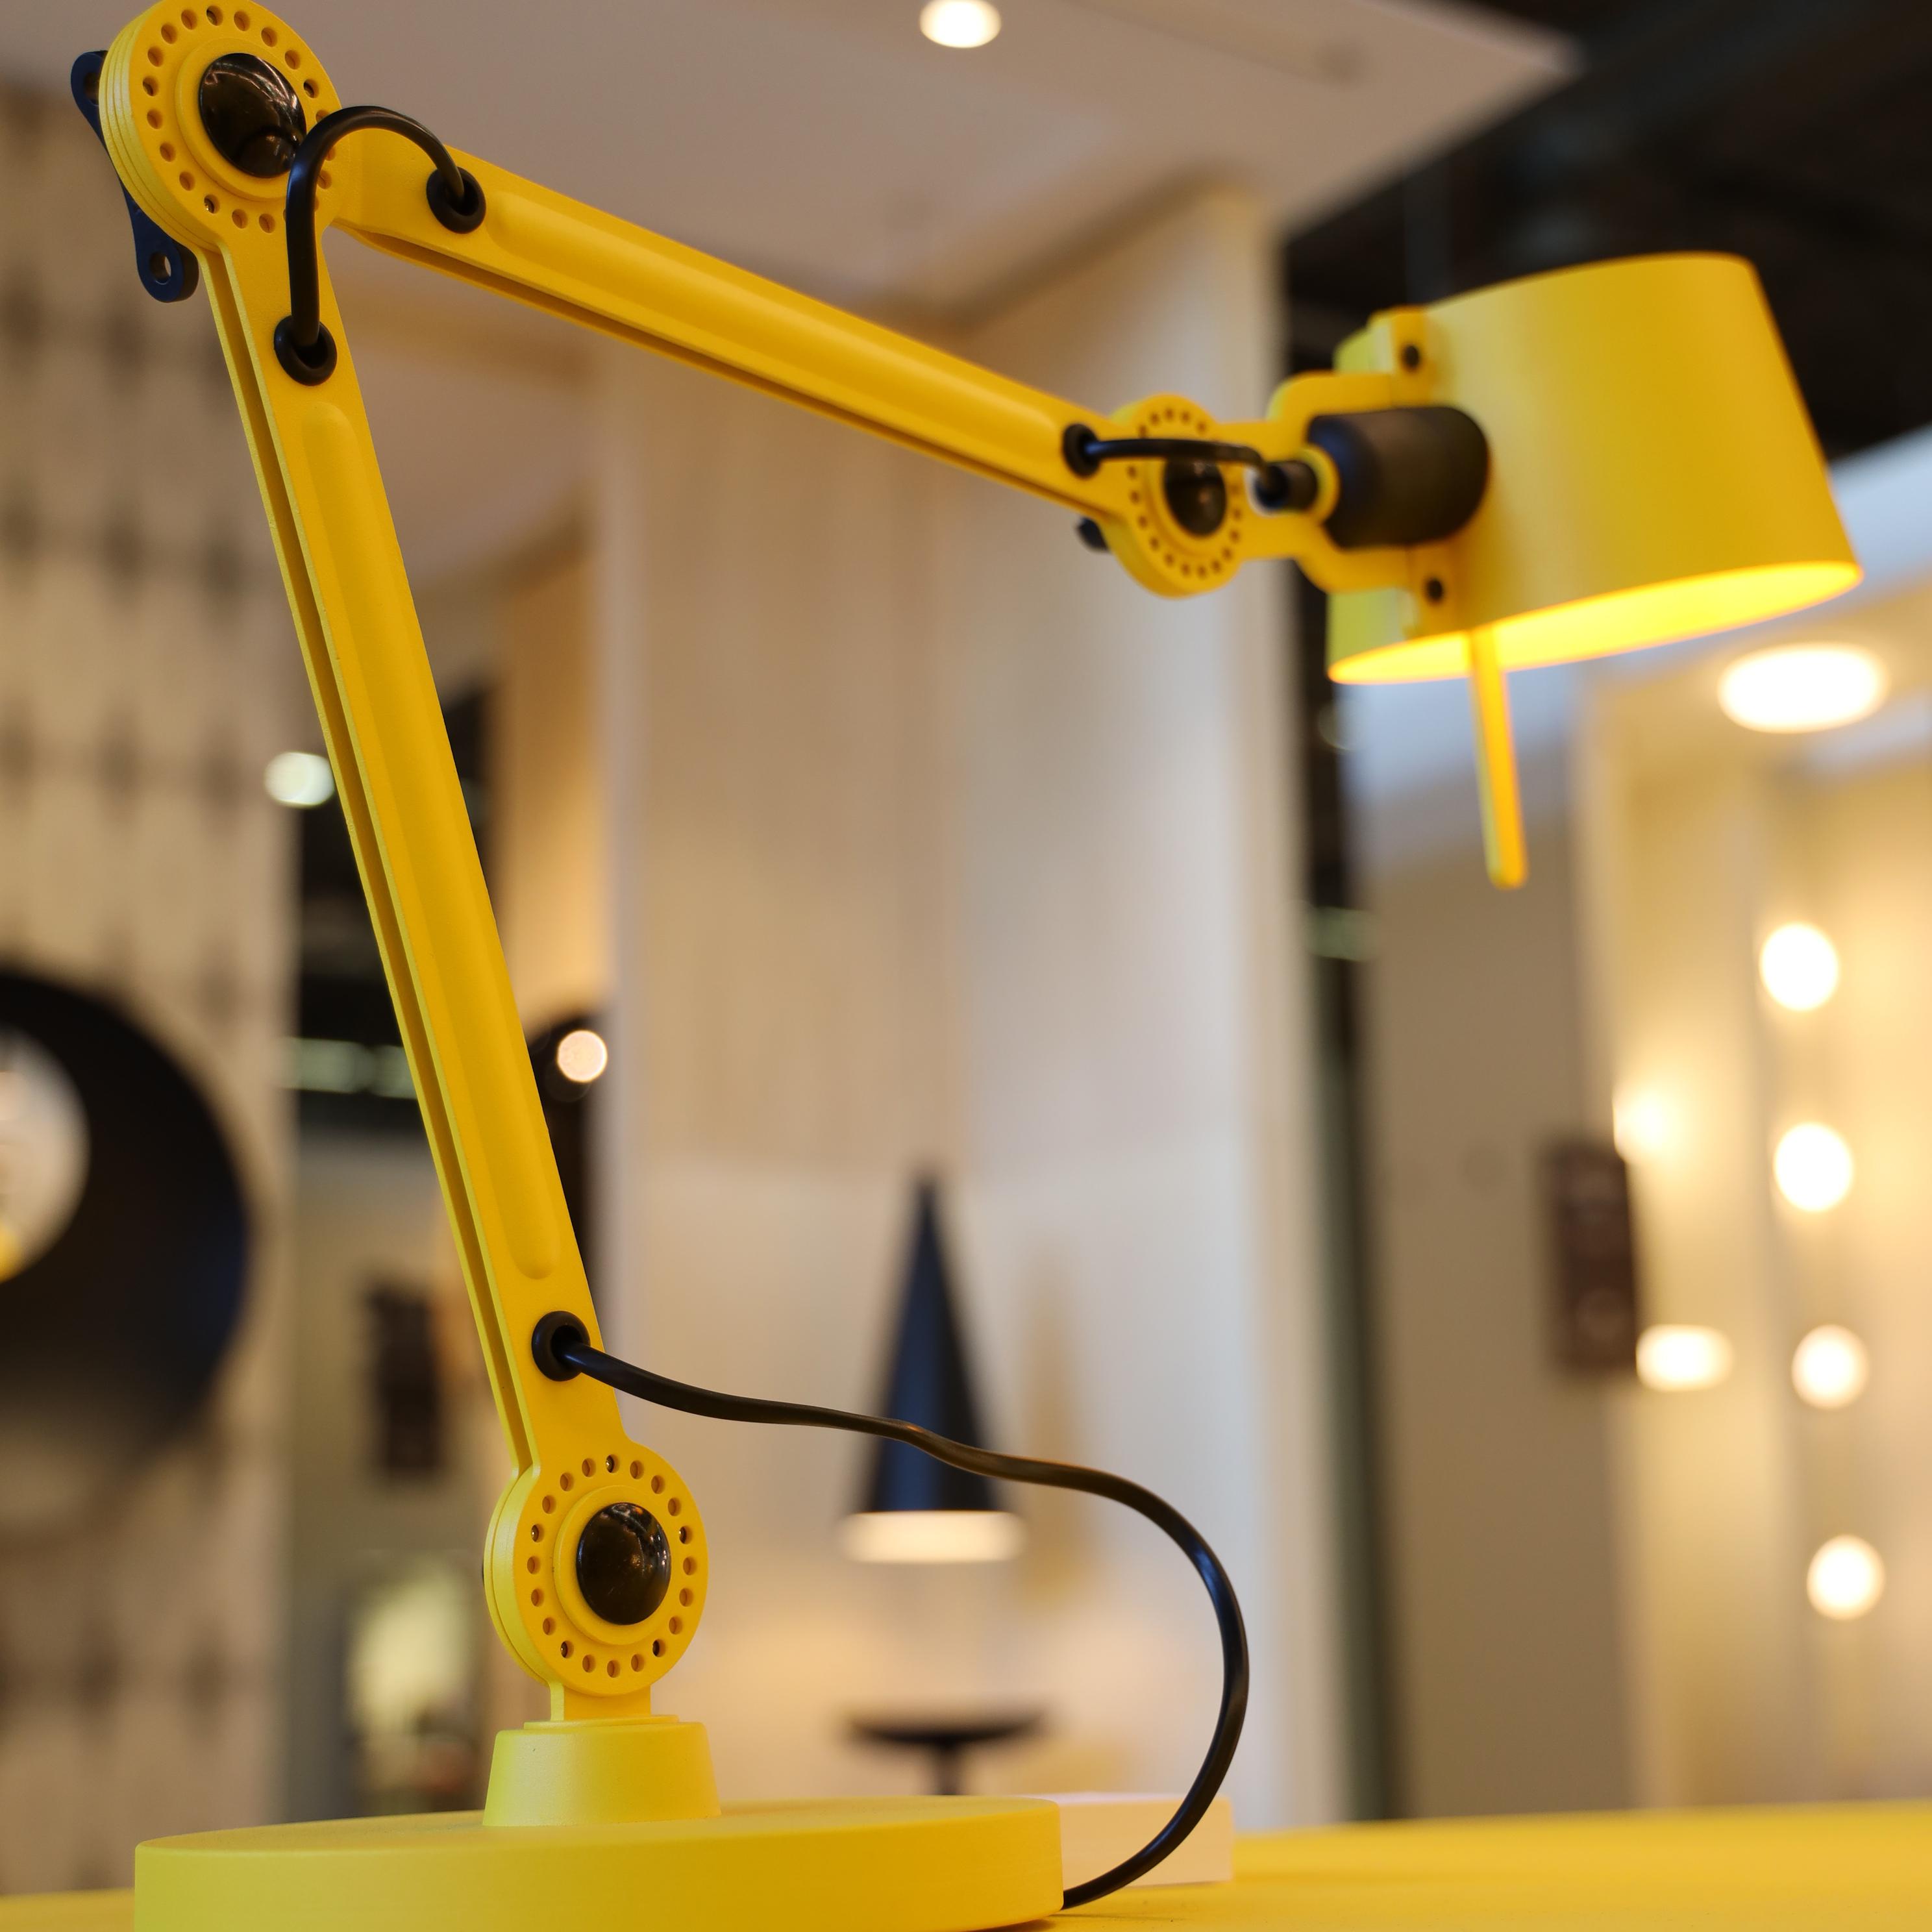 design bureaulampen